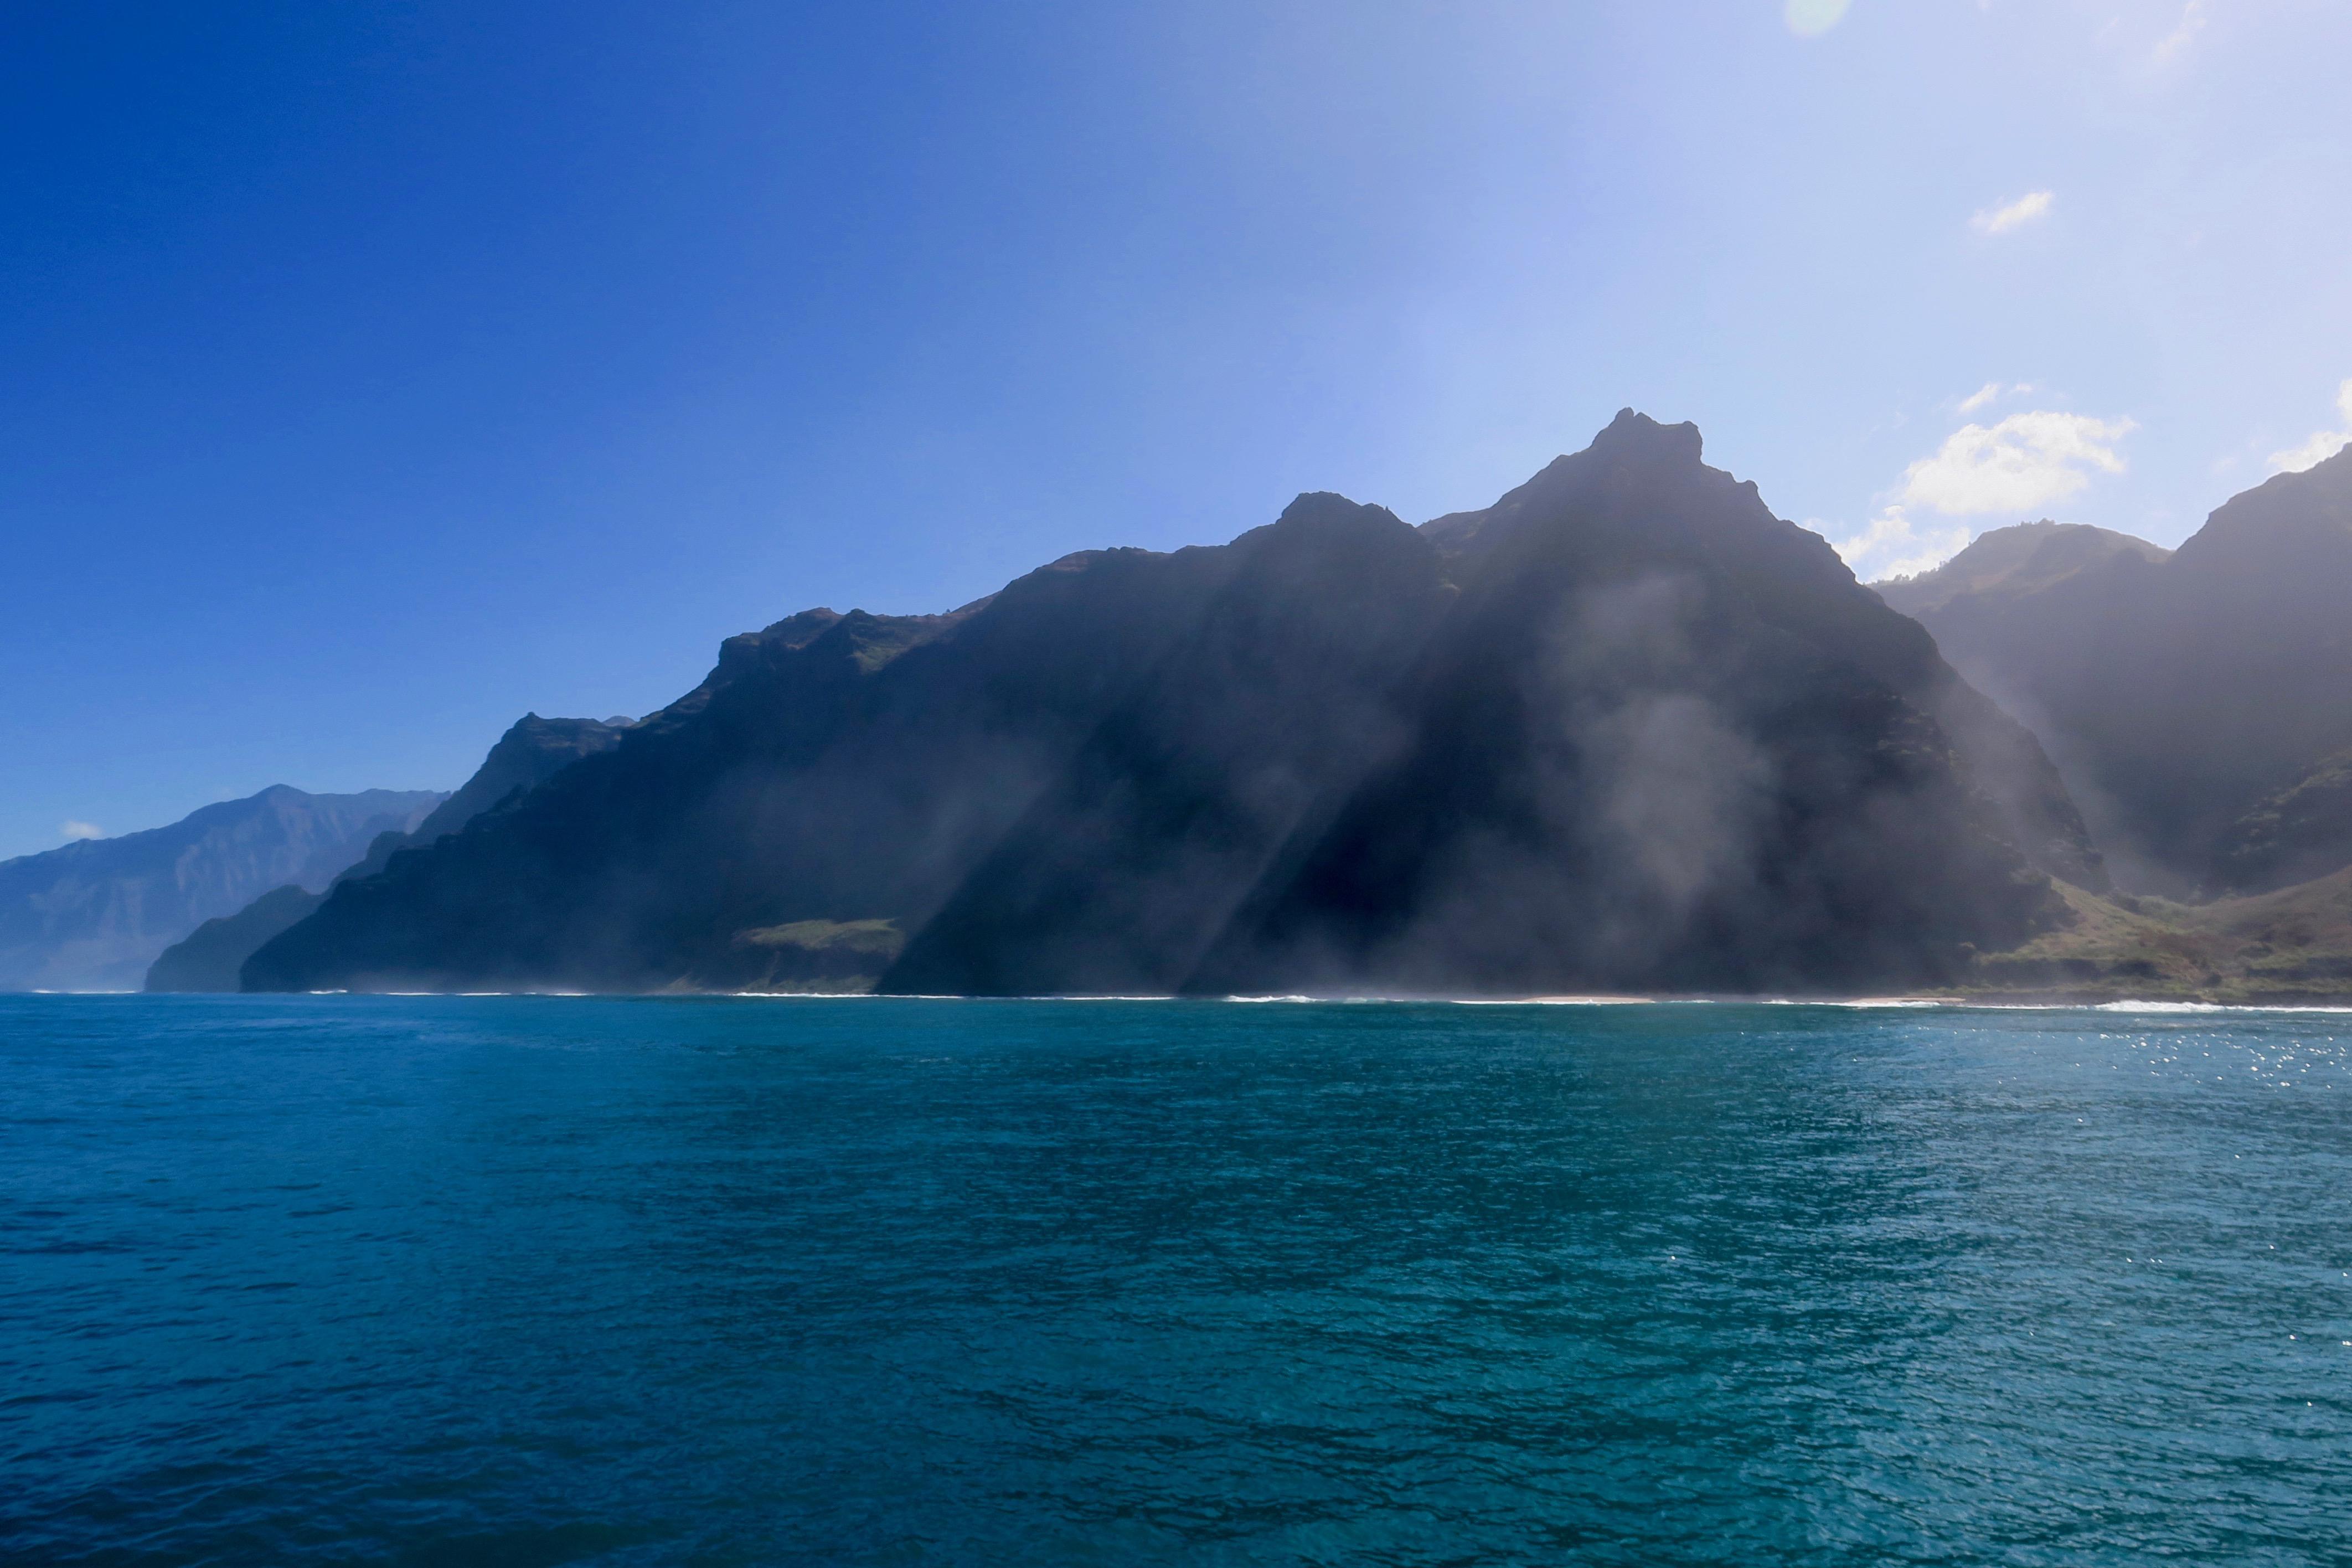 na-pali-coastline-and-mountains